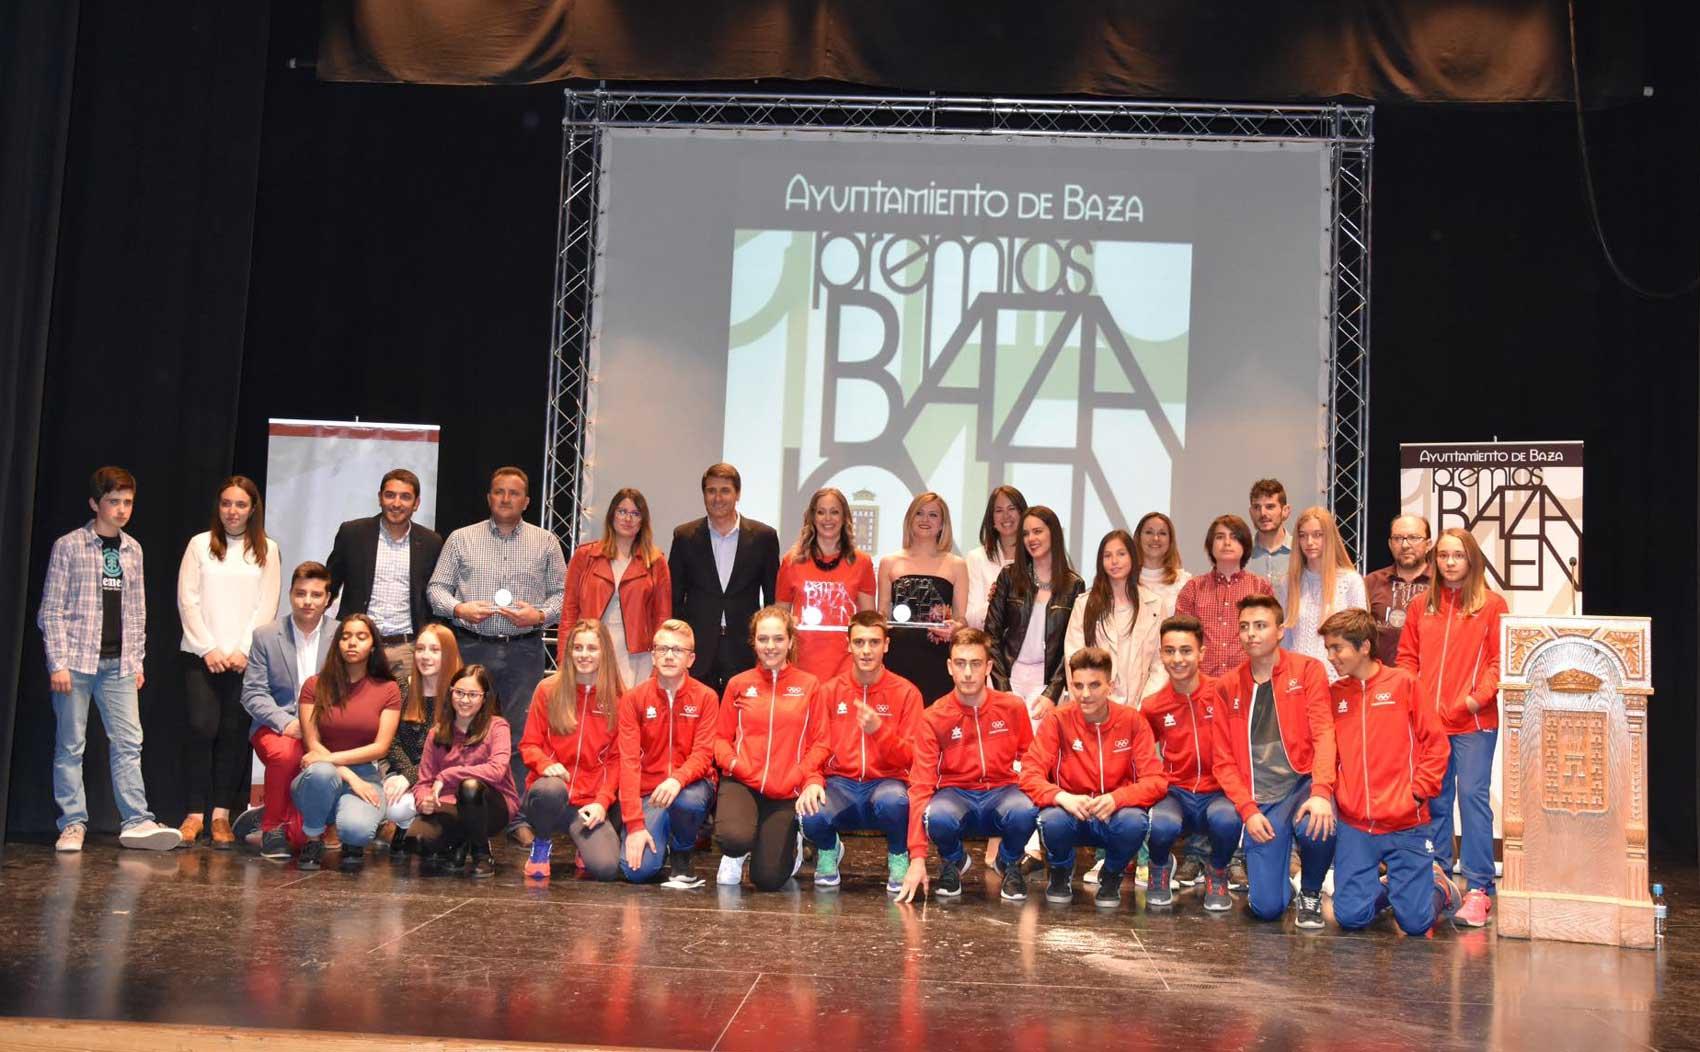 premios-baza-joven-2